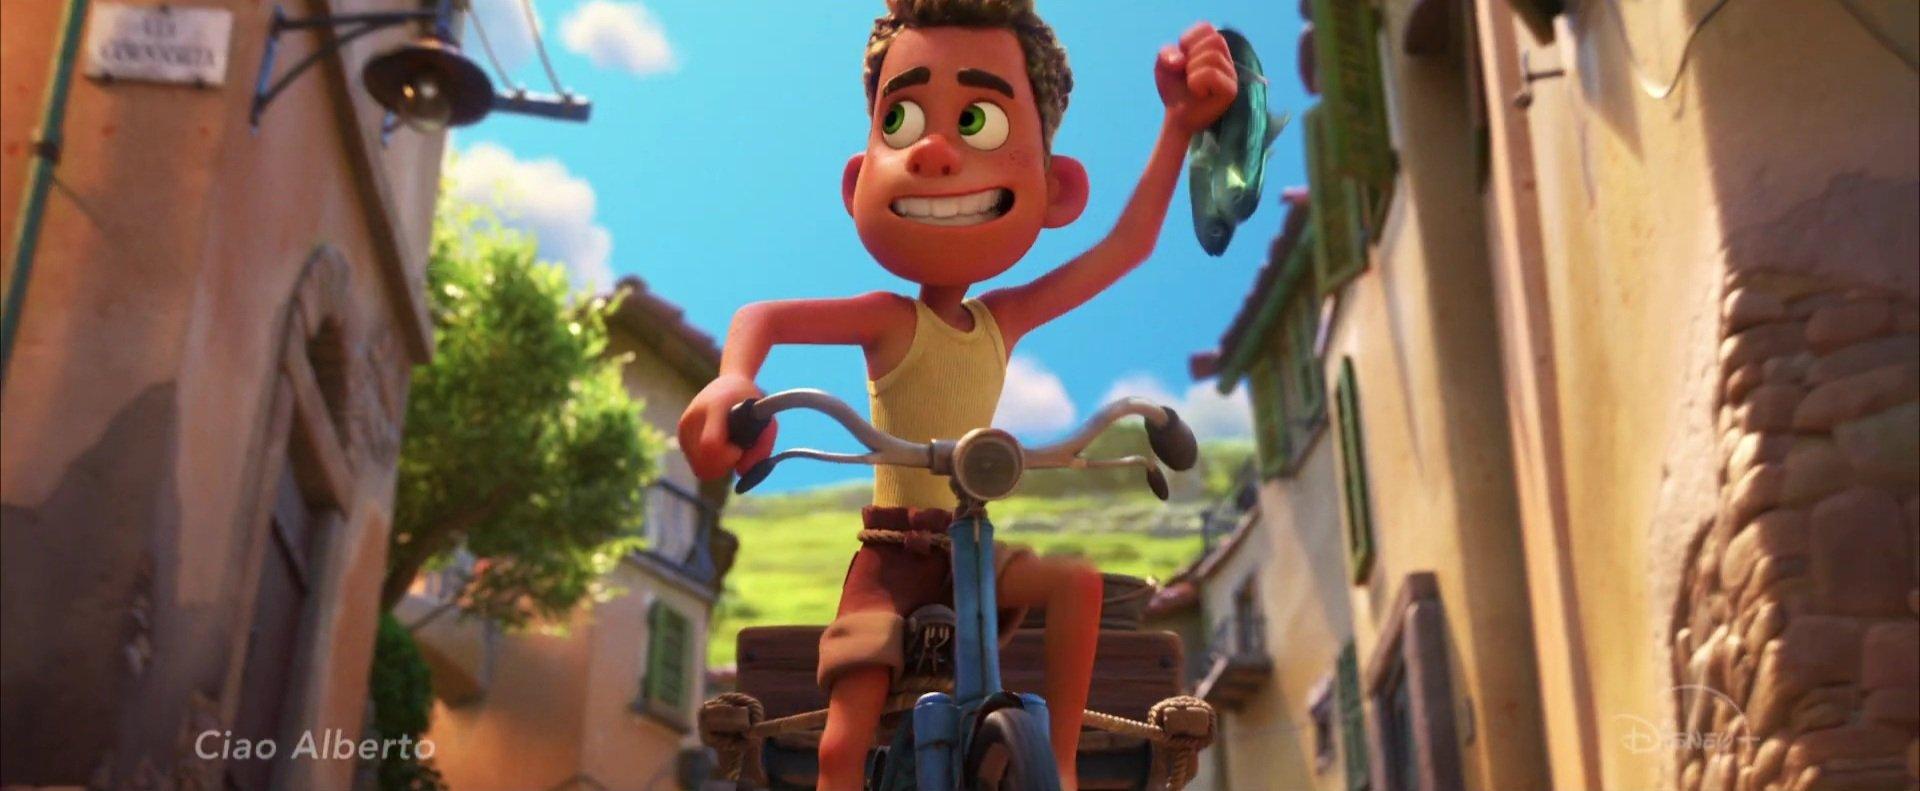 Ciao Alberto [Cartoon Pixar - 2021] FCATba6X0AMxpRp?format=jpg&name=large